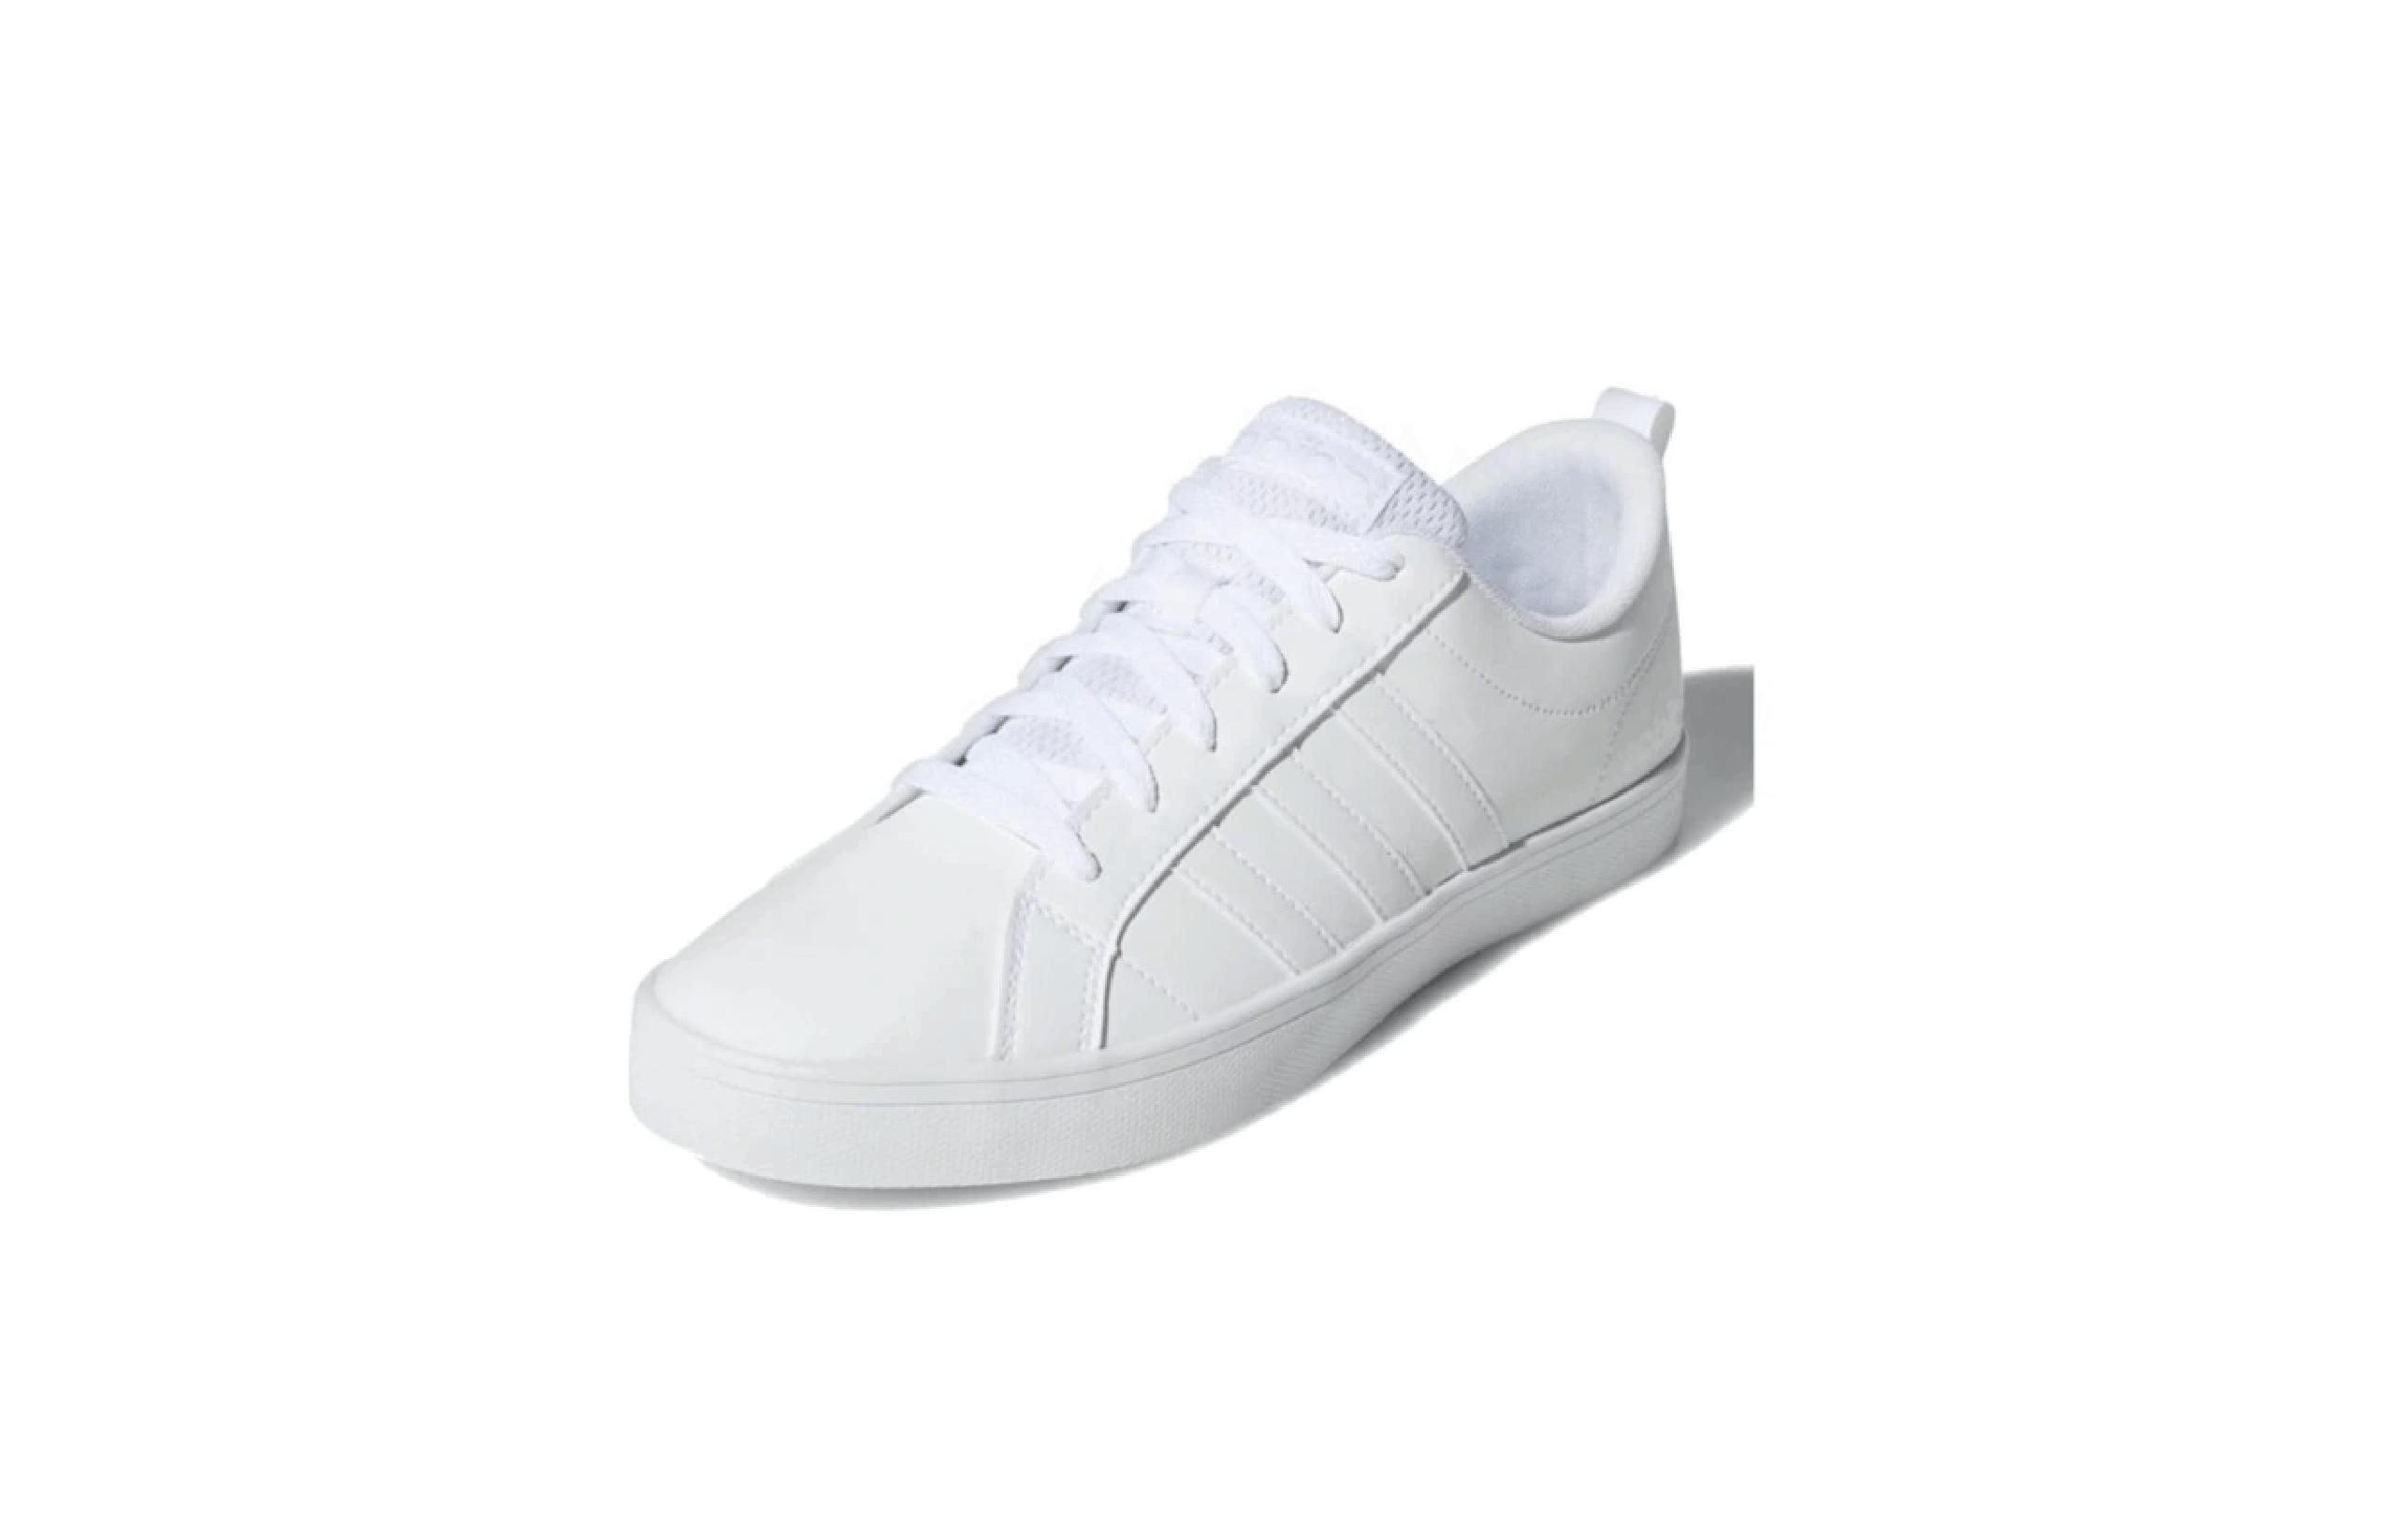 Adidas Ayakkabı Modelleri ve Özellikleri Nelerdir?